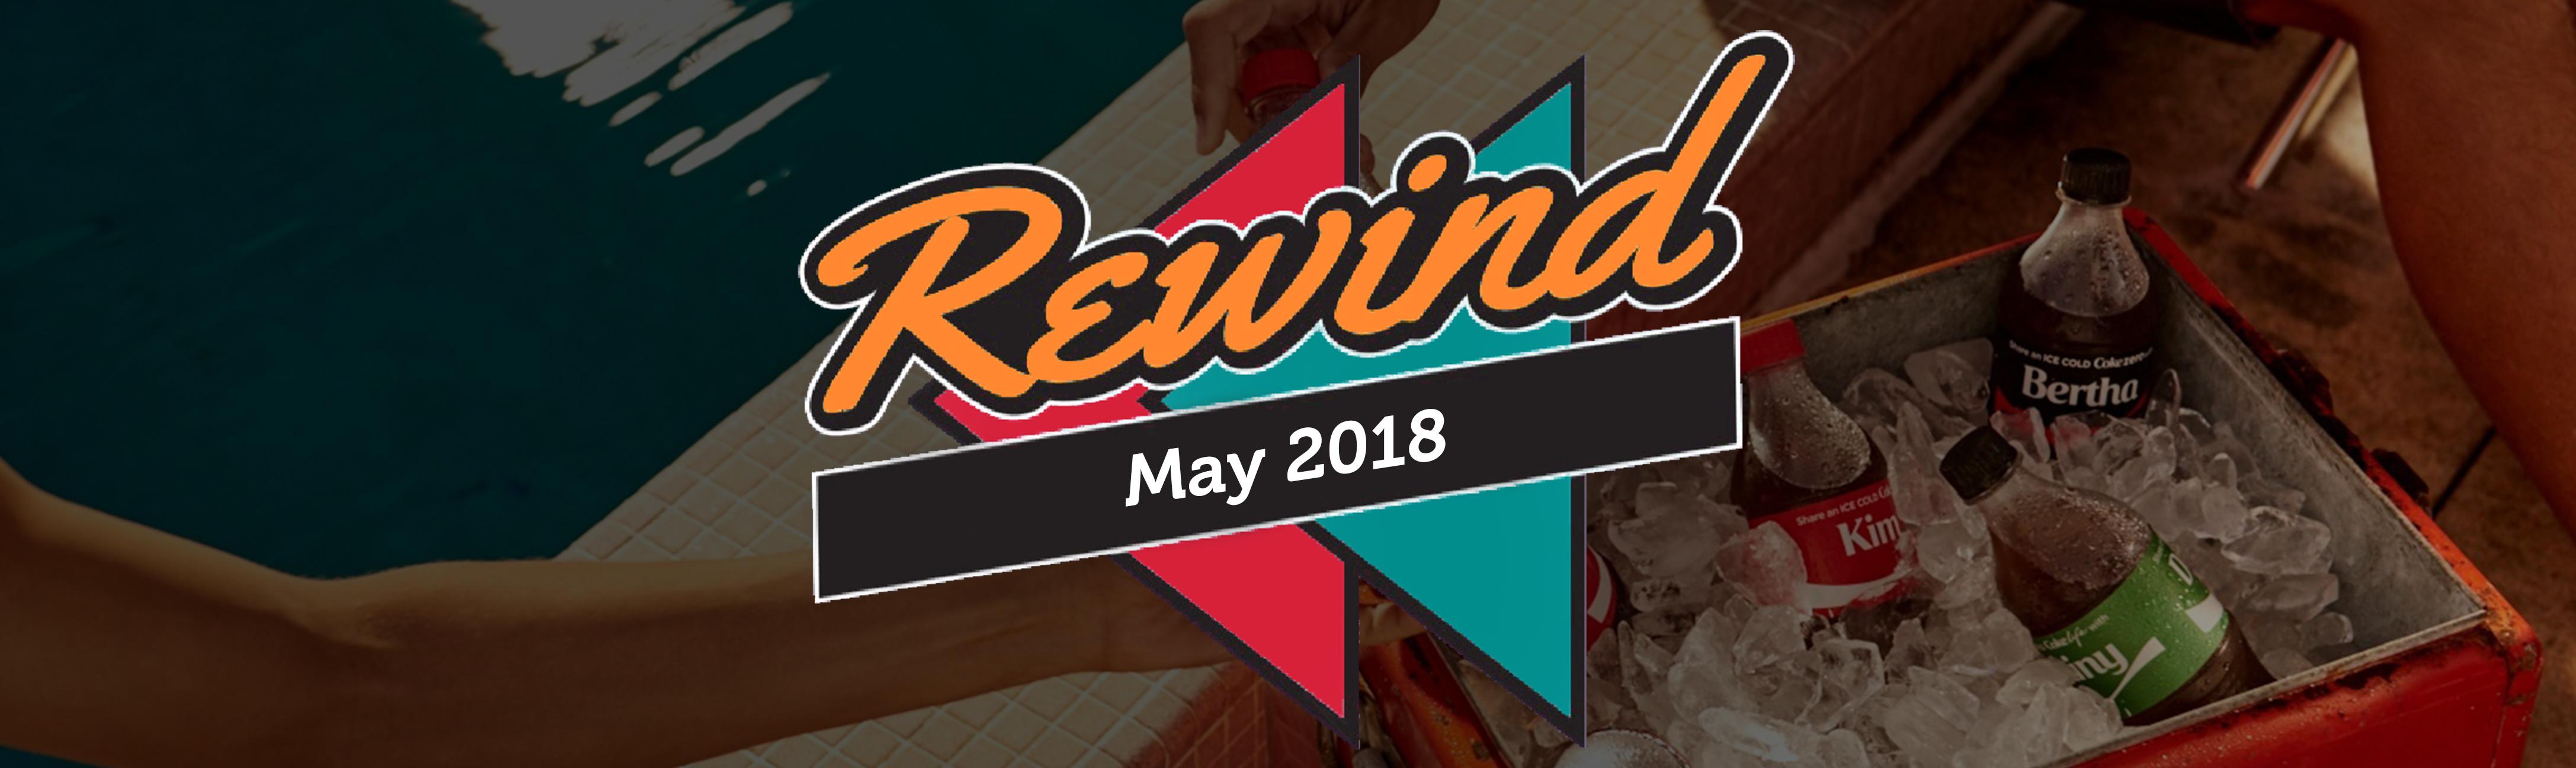 May 2018 Rewind